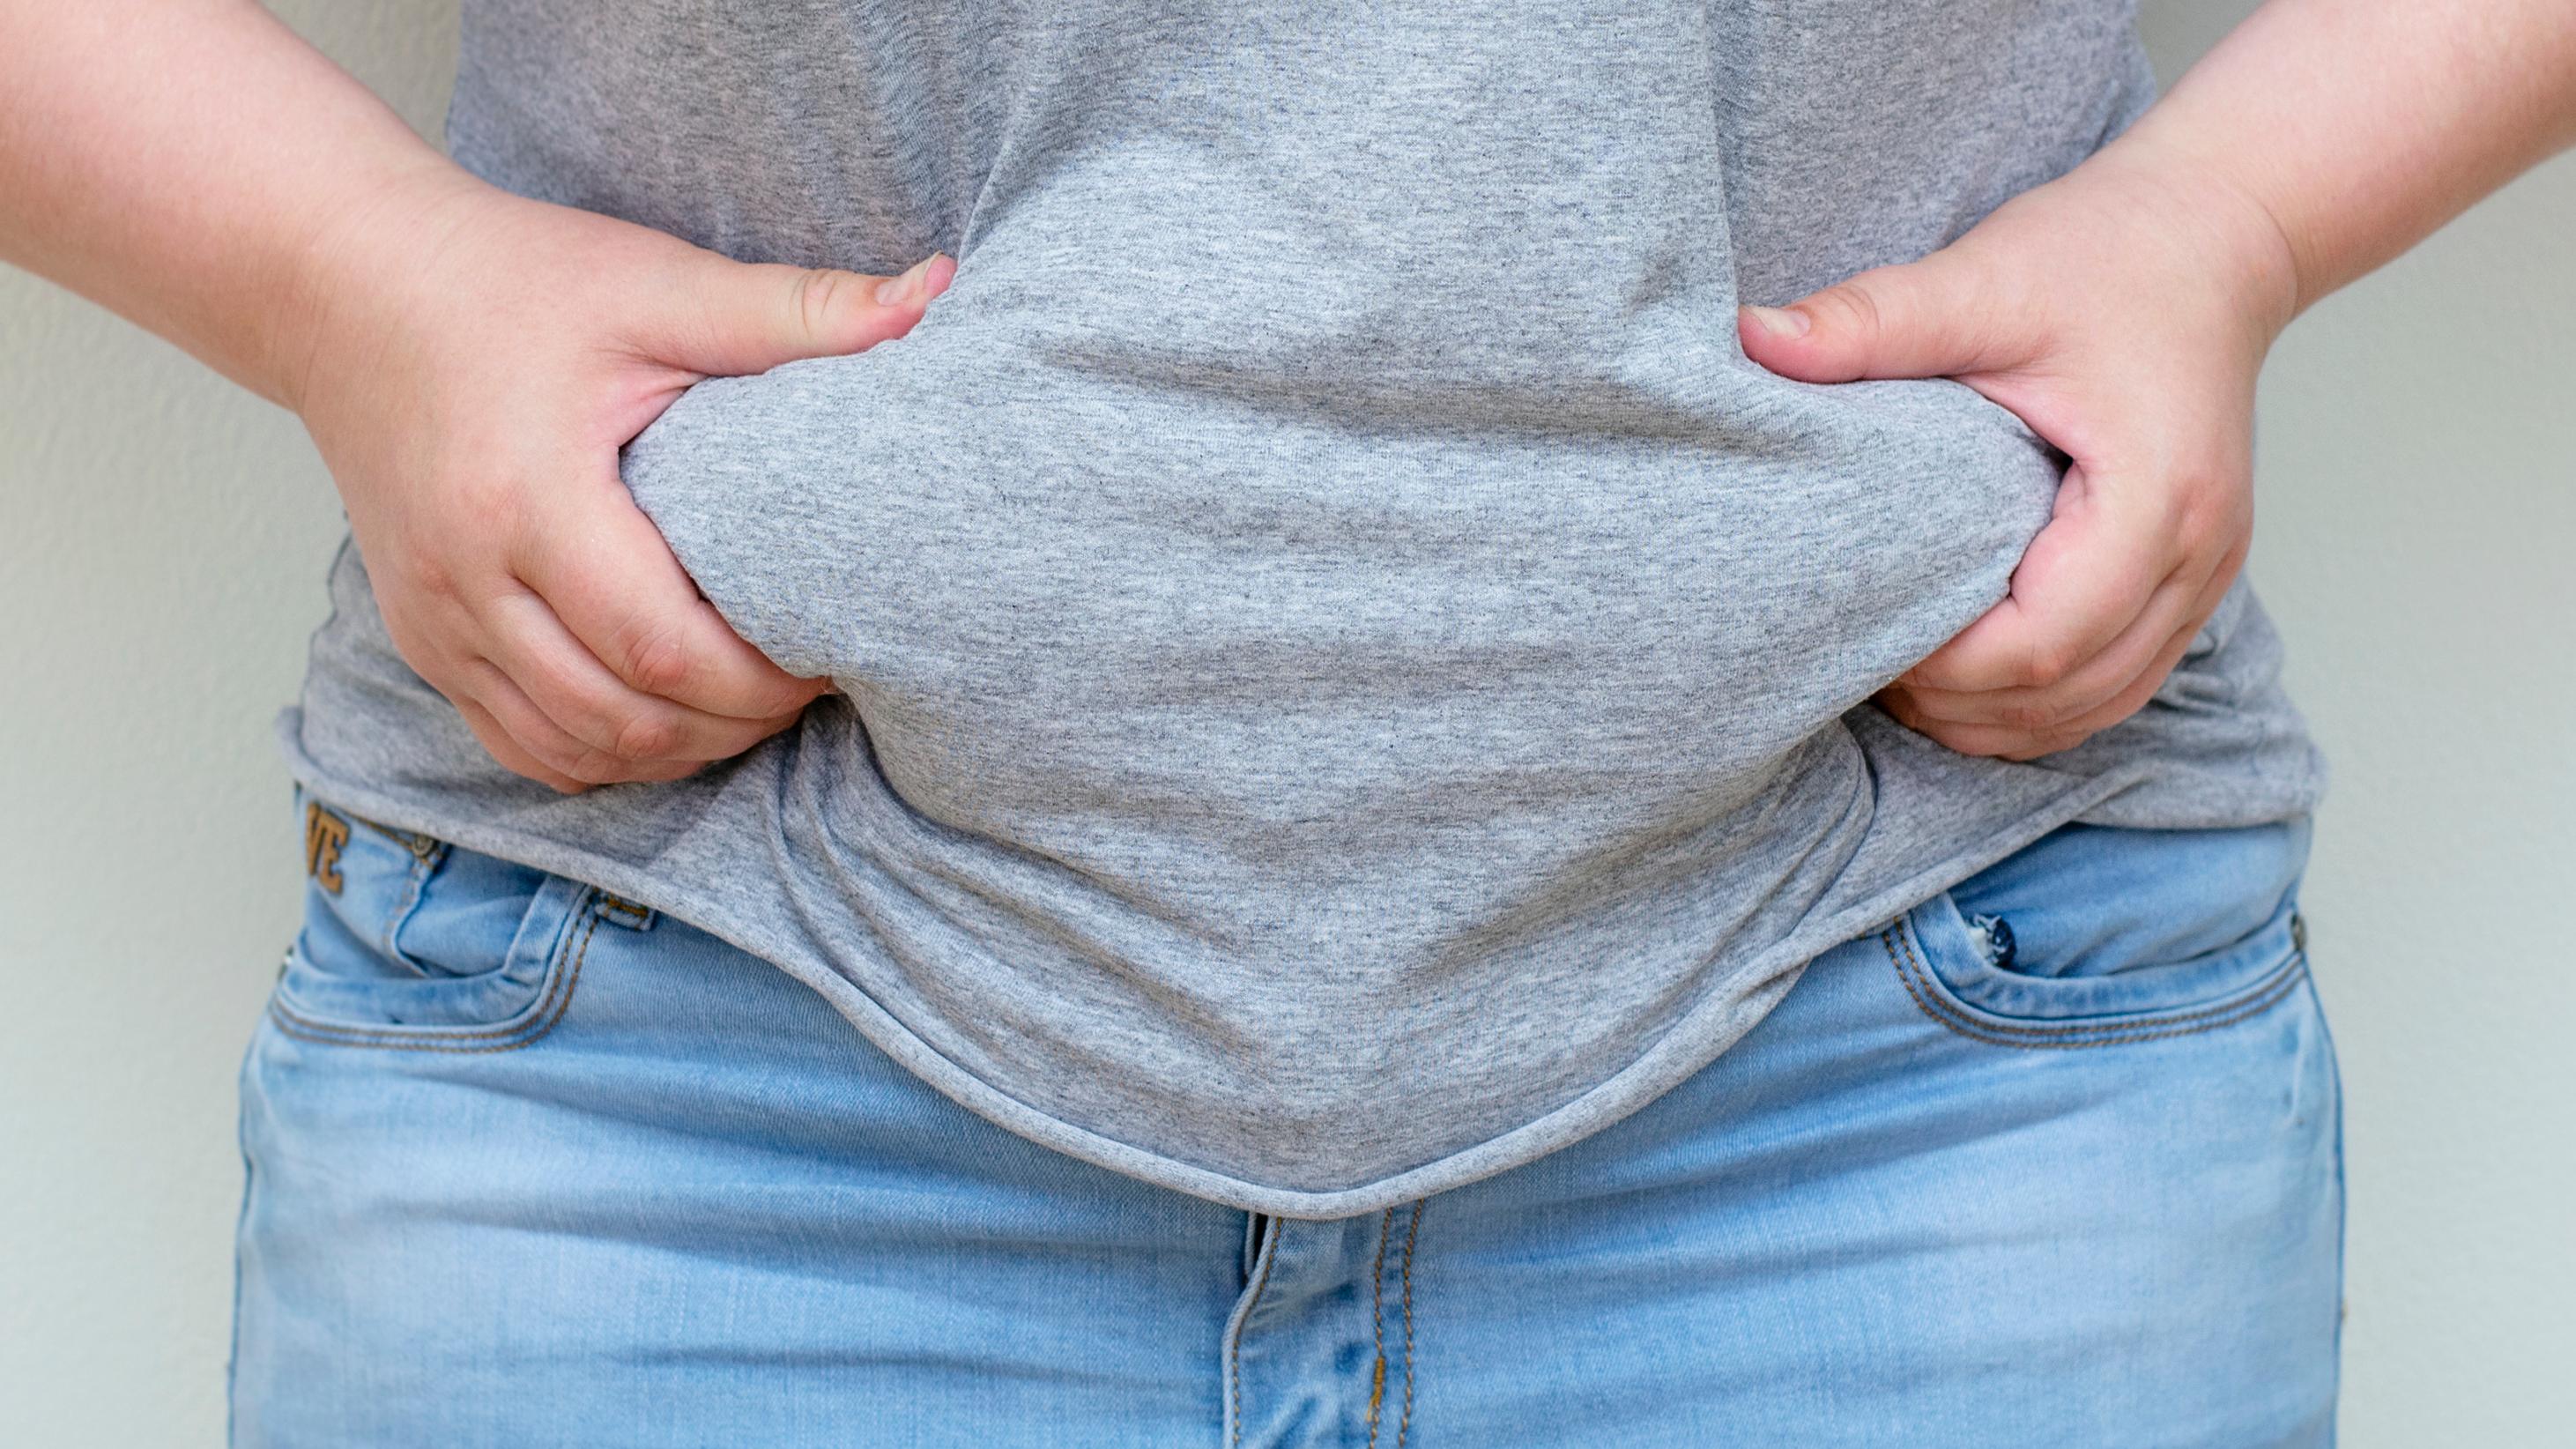 Tudo que você precisa saber sobre obesidade mórbida